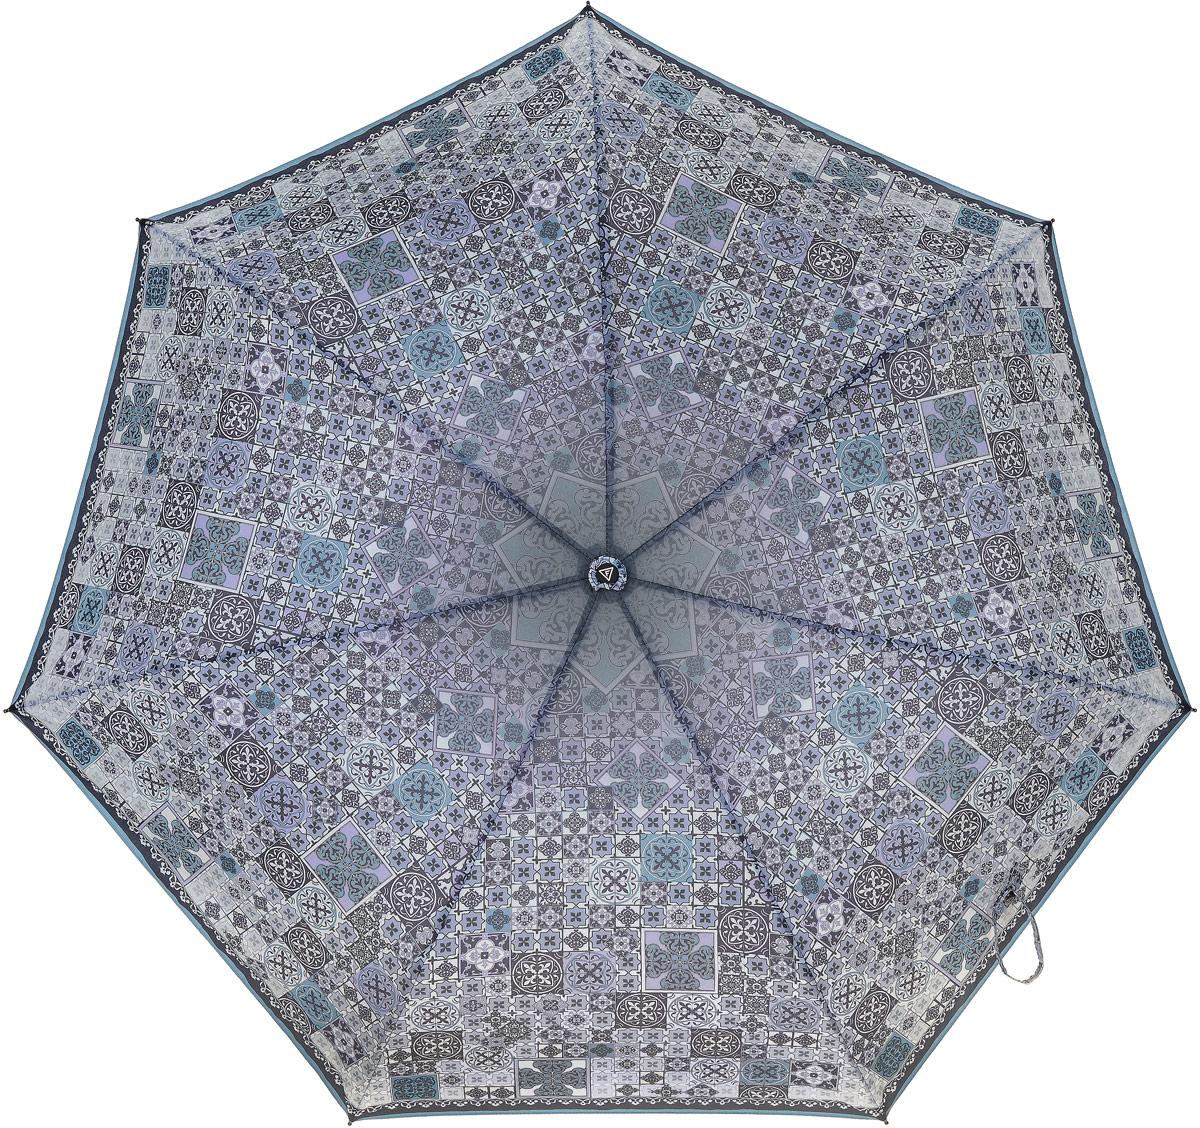 Зонт женский Fabretti, автомат, 3 сложения, цвет: фиолетовый, мультиколор. P-17100-4